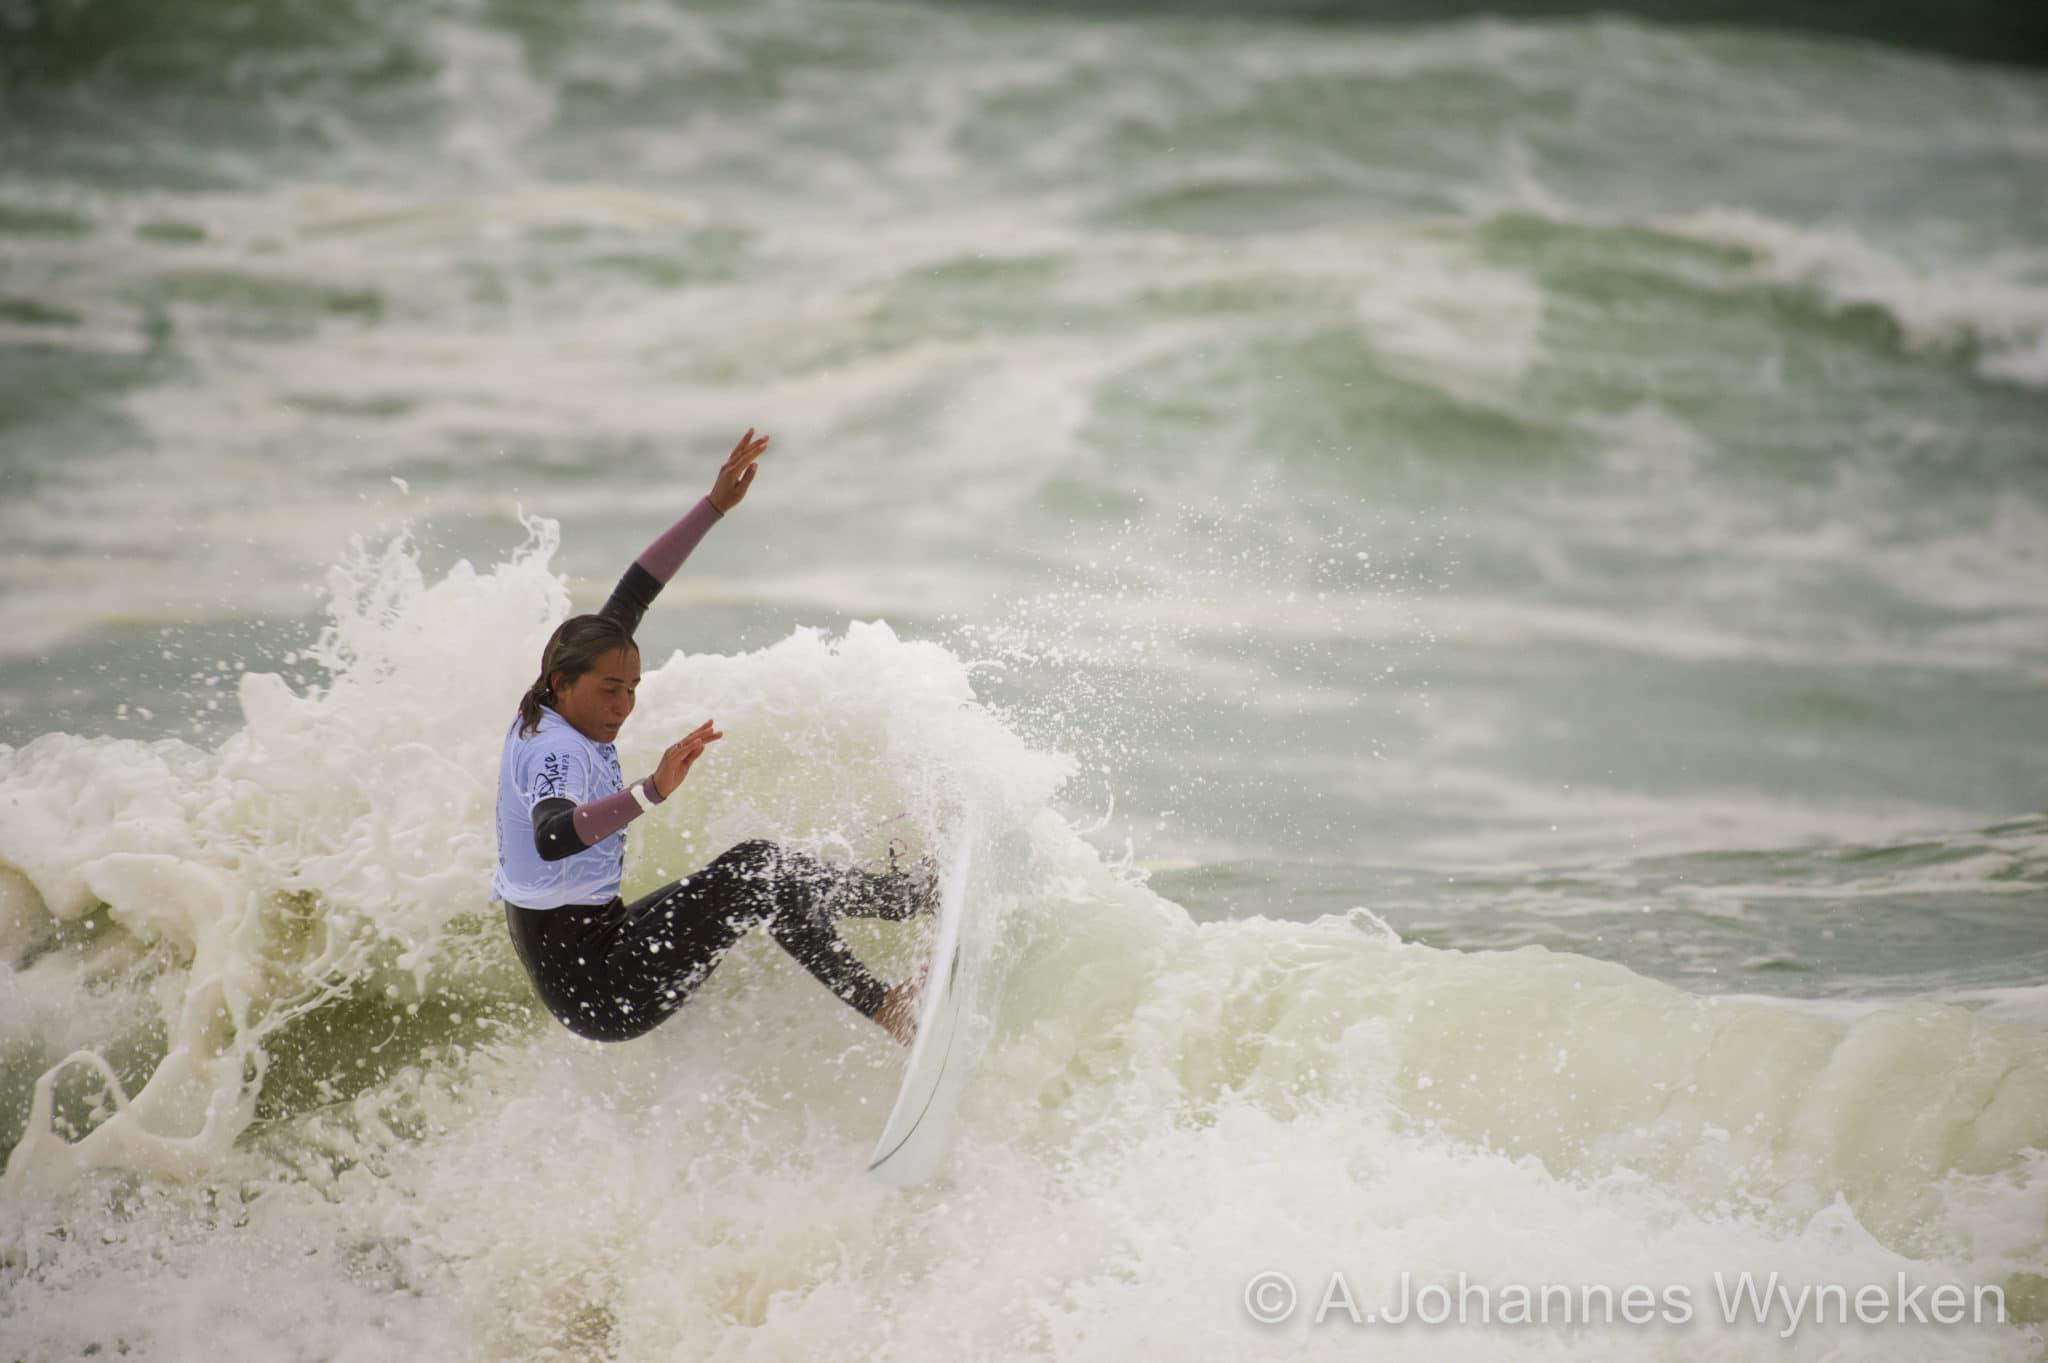 Foto Johannes Wyneken Surfer Frankie Harrer